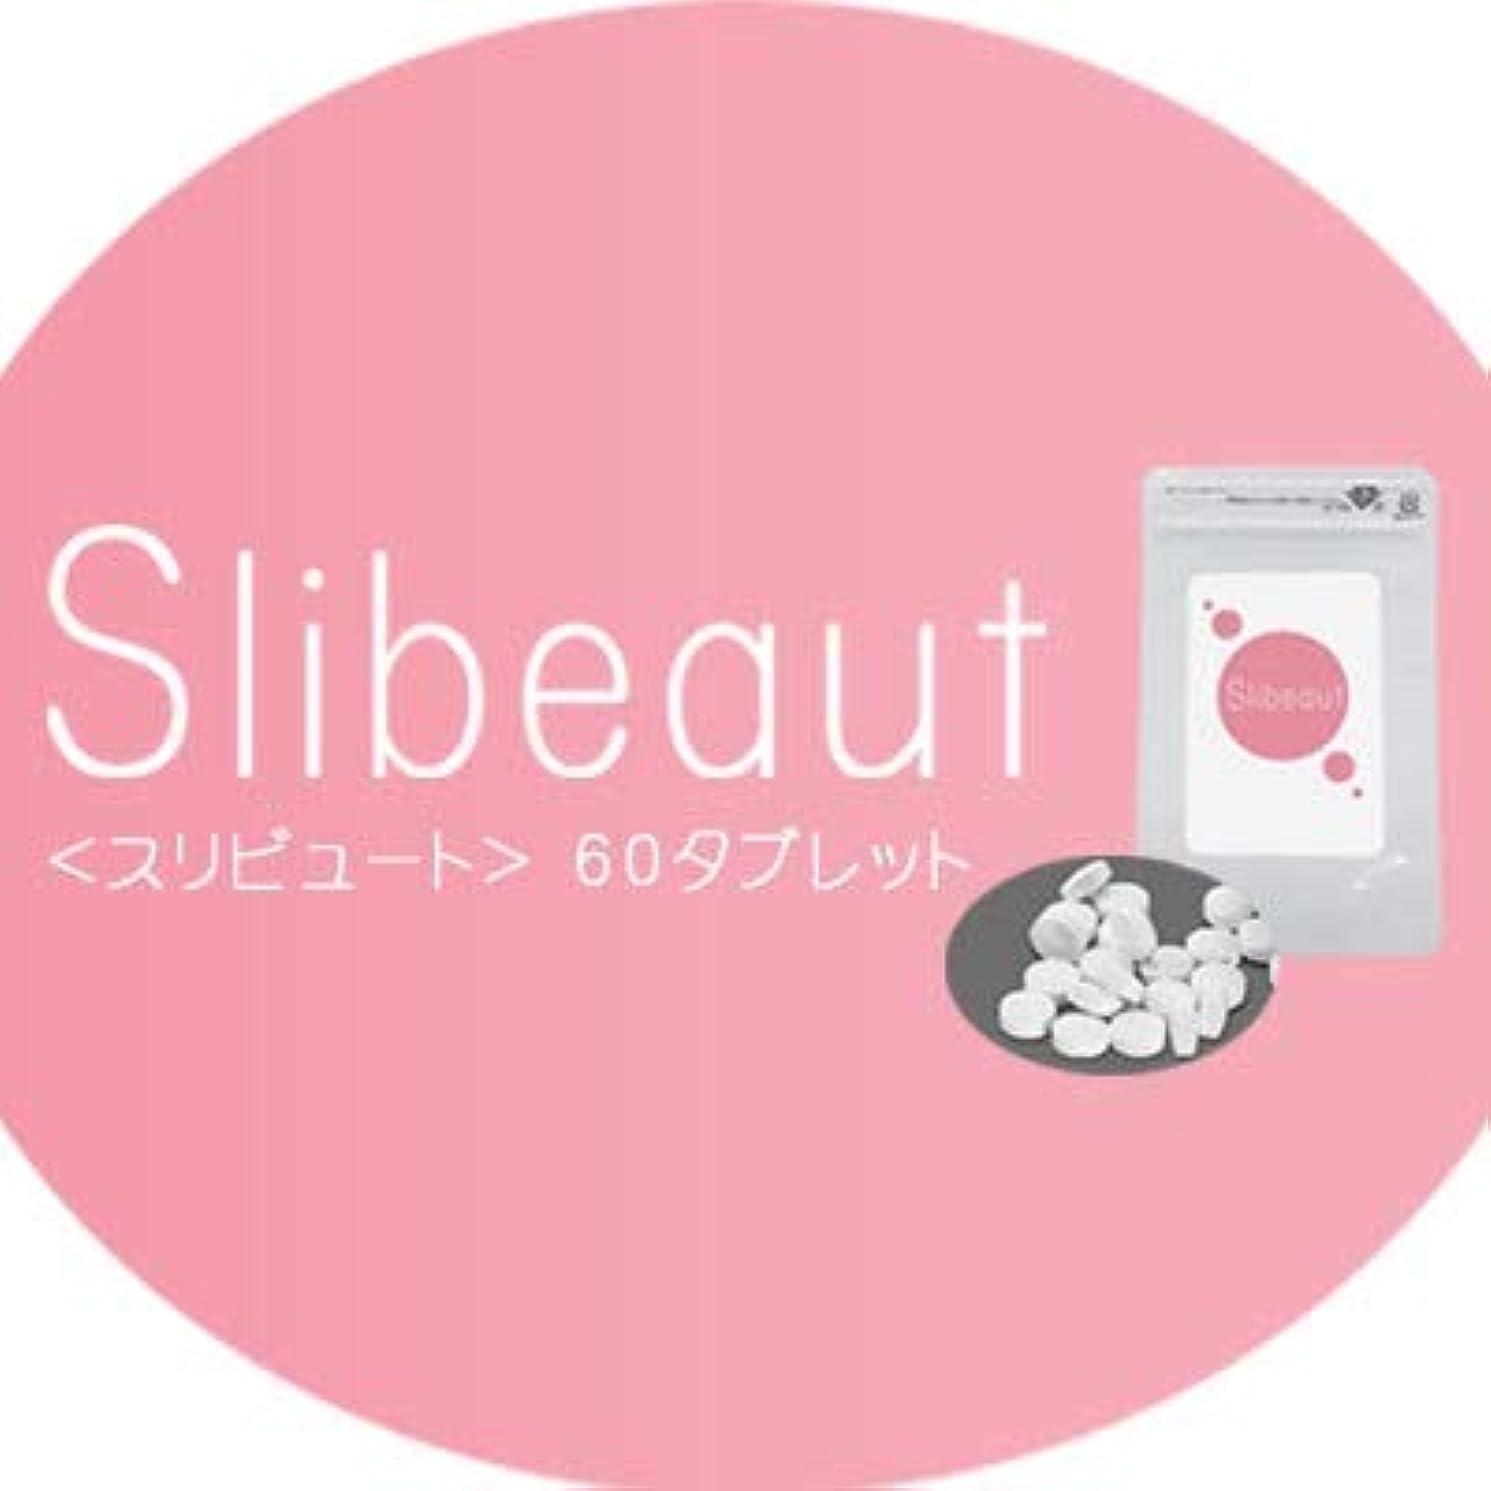 ミットカトリック教徒反論Slibeaut(スリビュート)~ダイエットサポートサプリ~